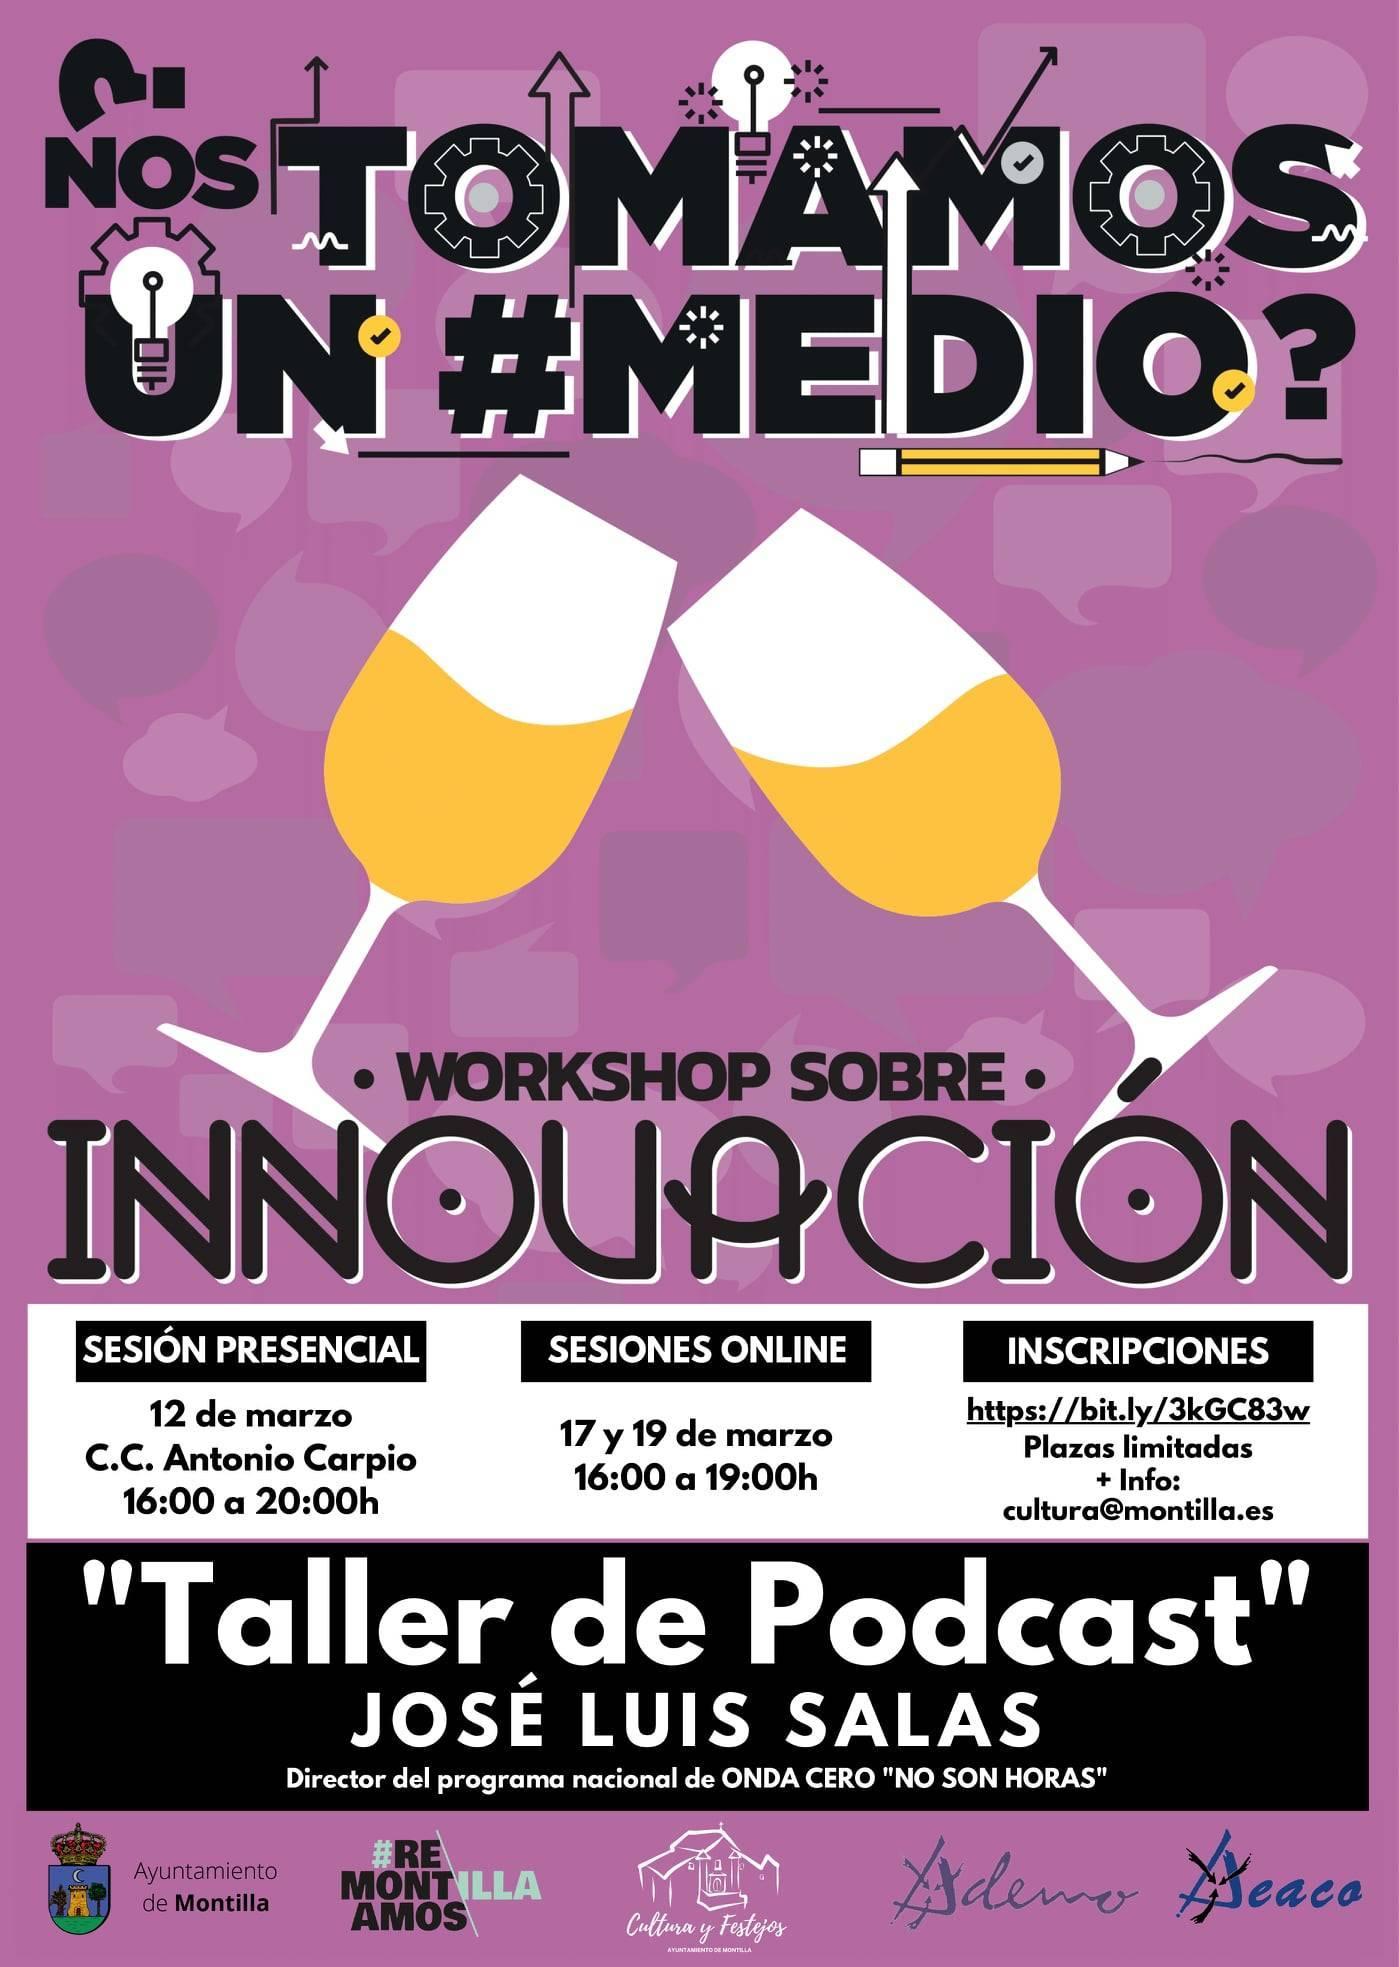 Taller de podcast (2021) - Montilla (Córdoba) 2